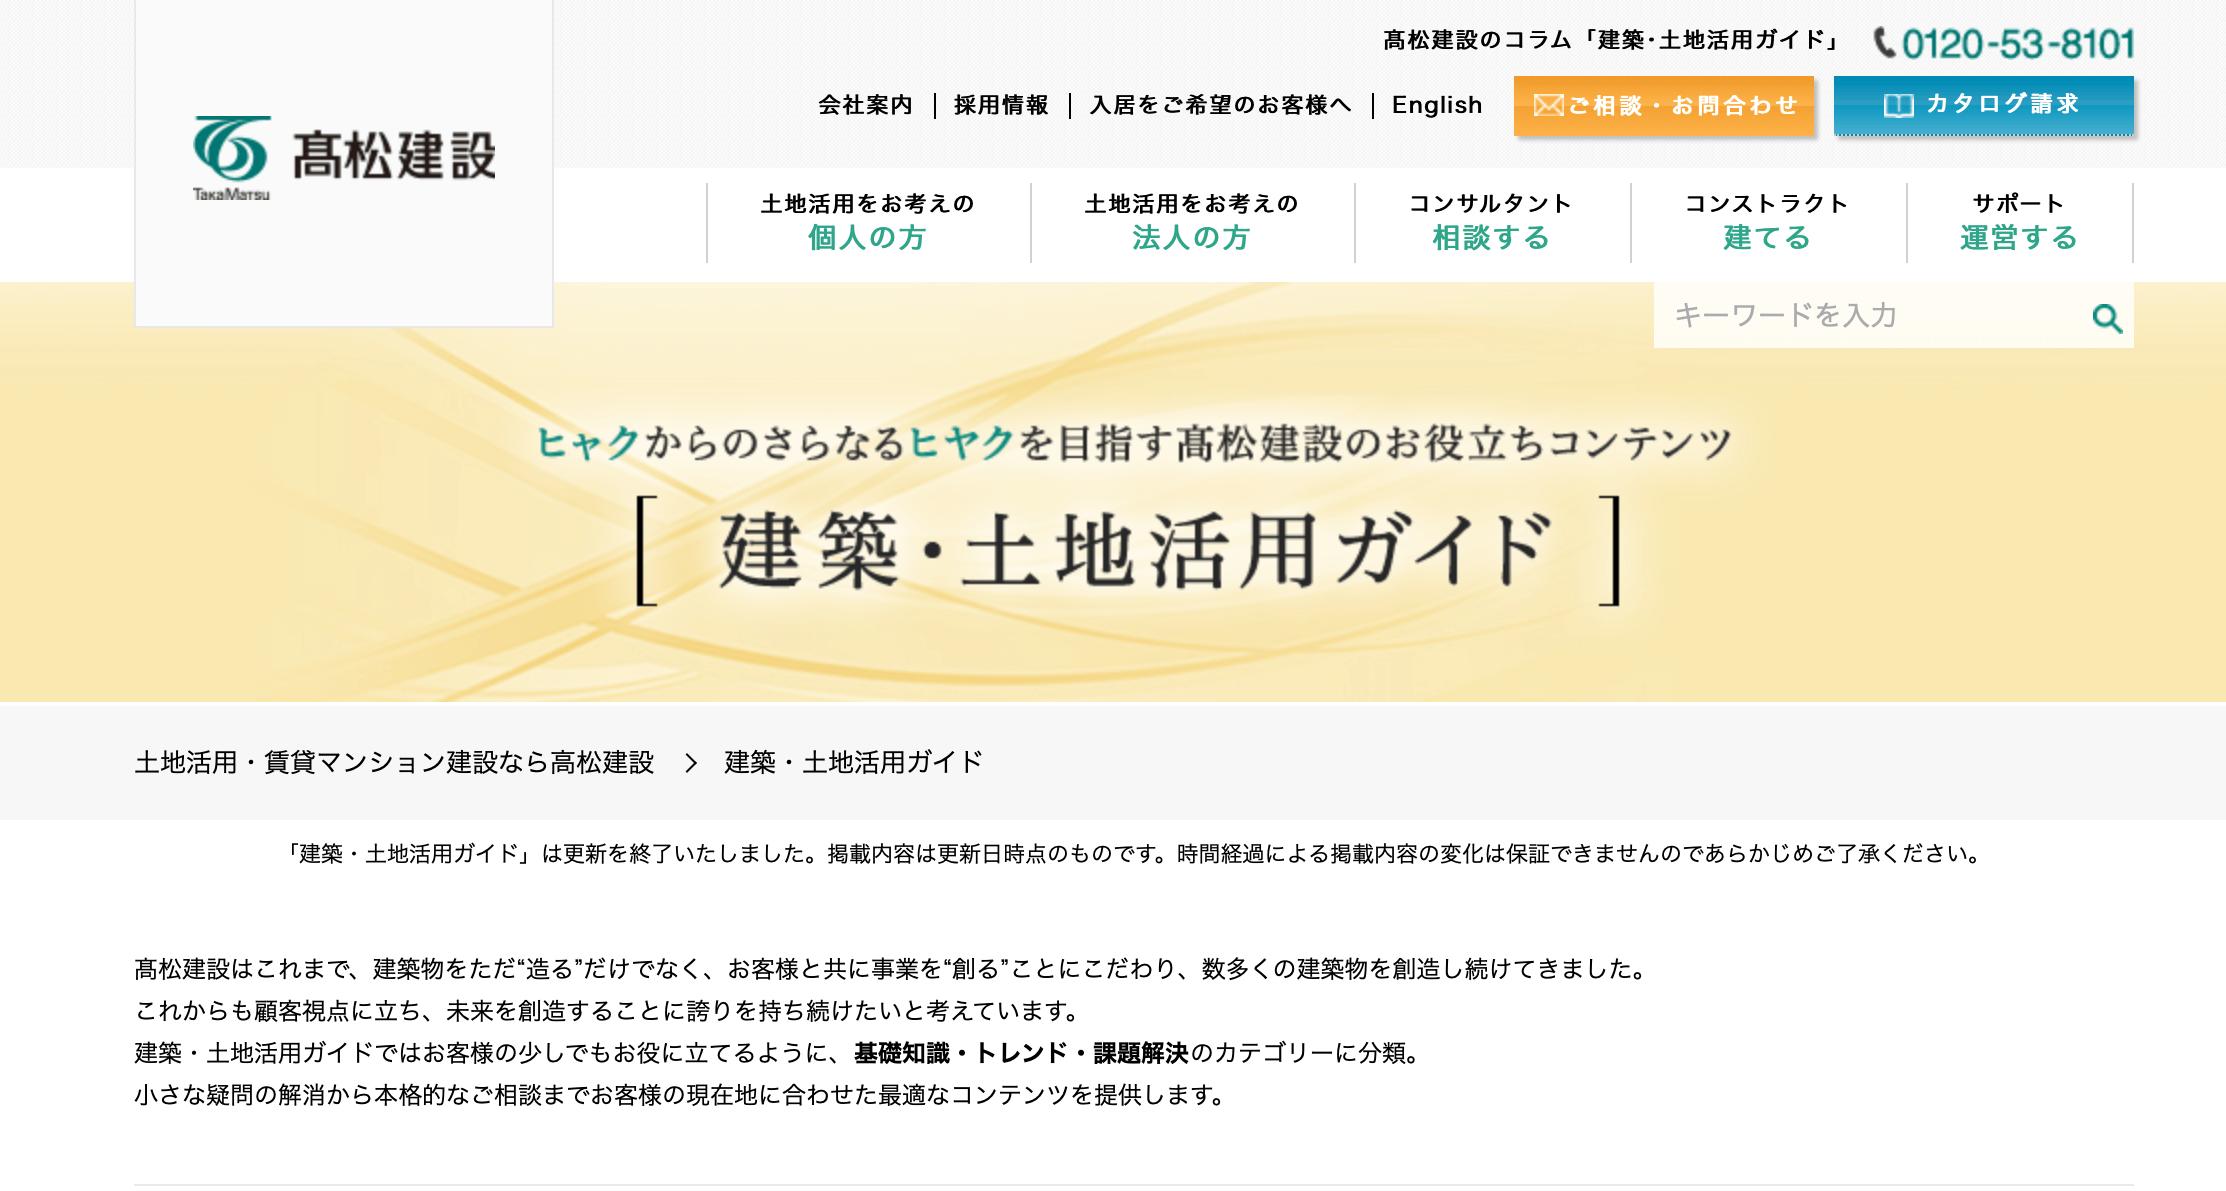 高松建設株式会社の公式ページ